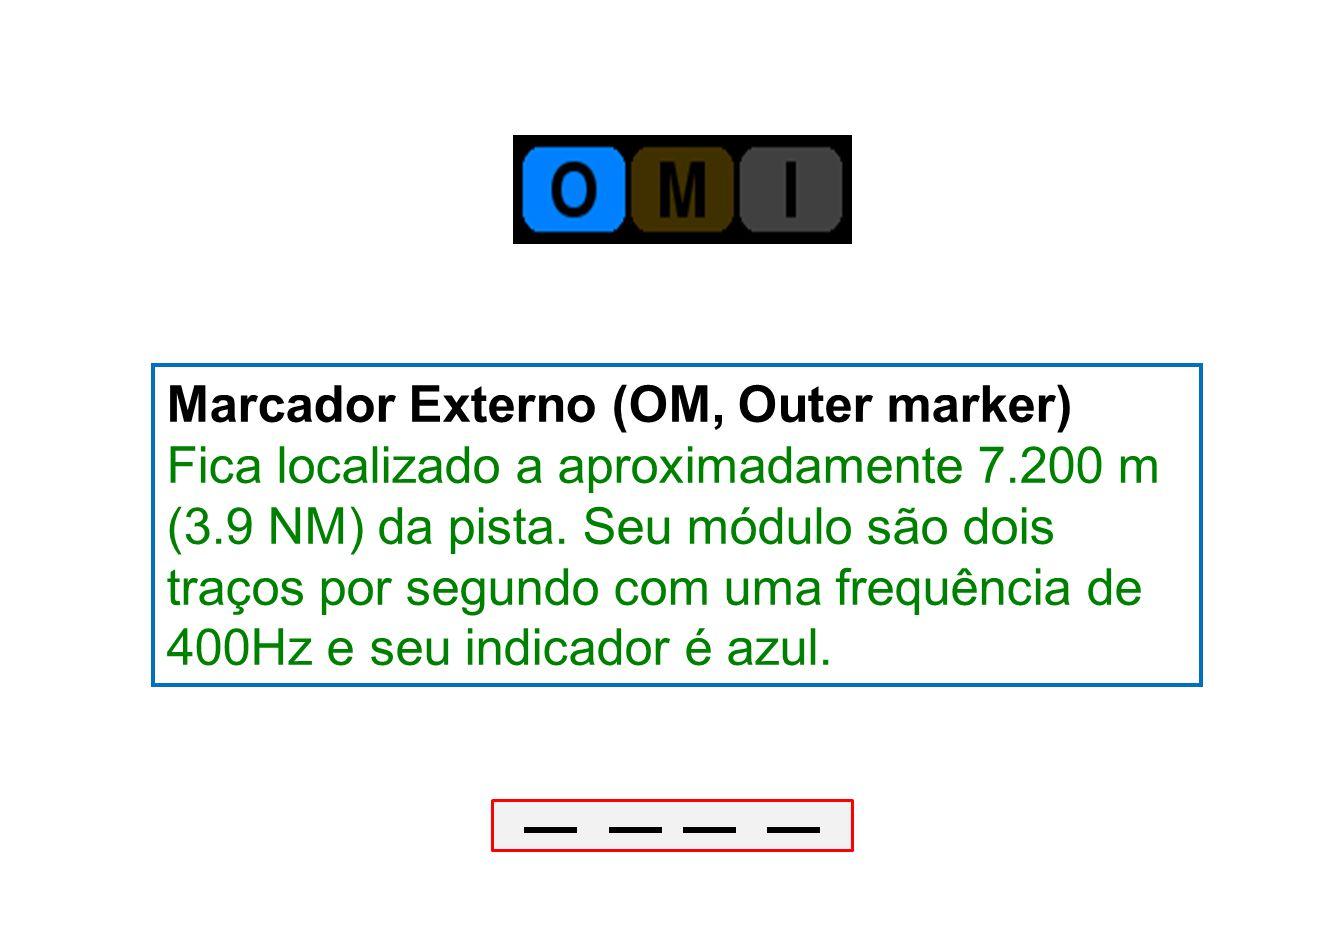 Marcador Externo (OM, Outer marker)